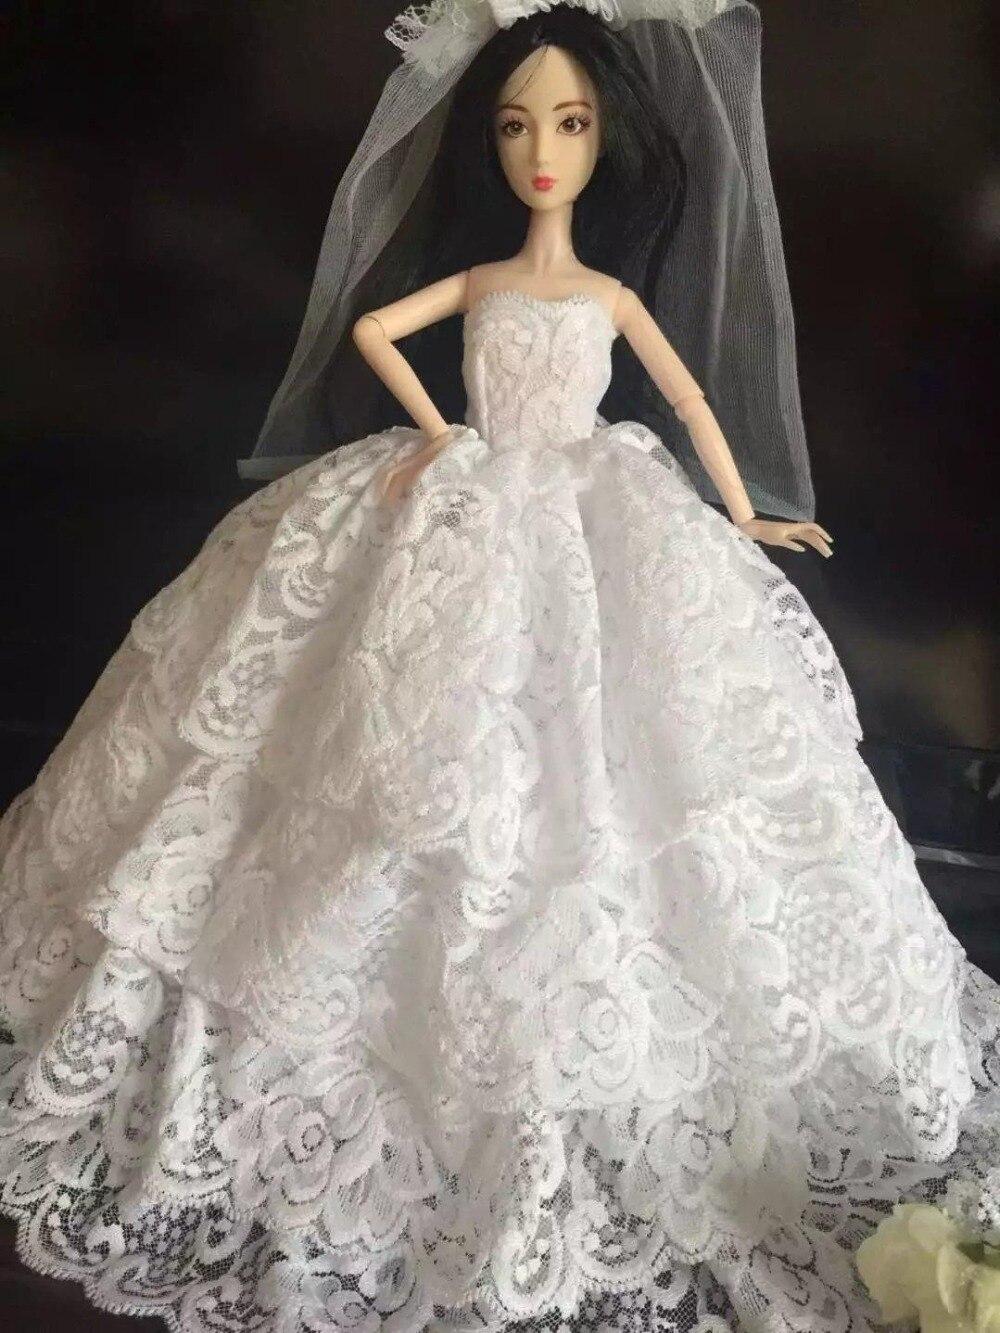 Nett Puppen Hochzeitskleid Ideen - Brautkleider Ideen - cashingy.info